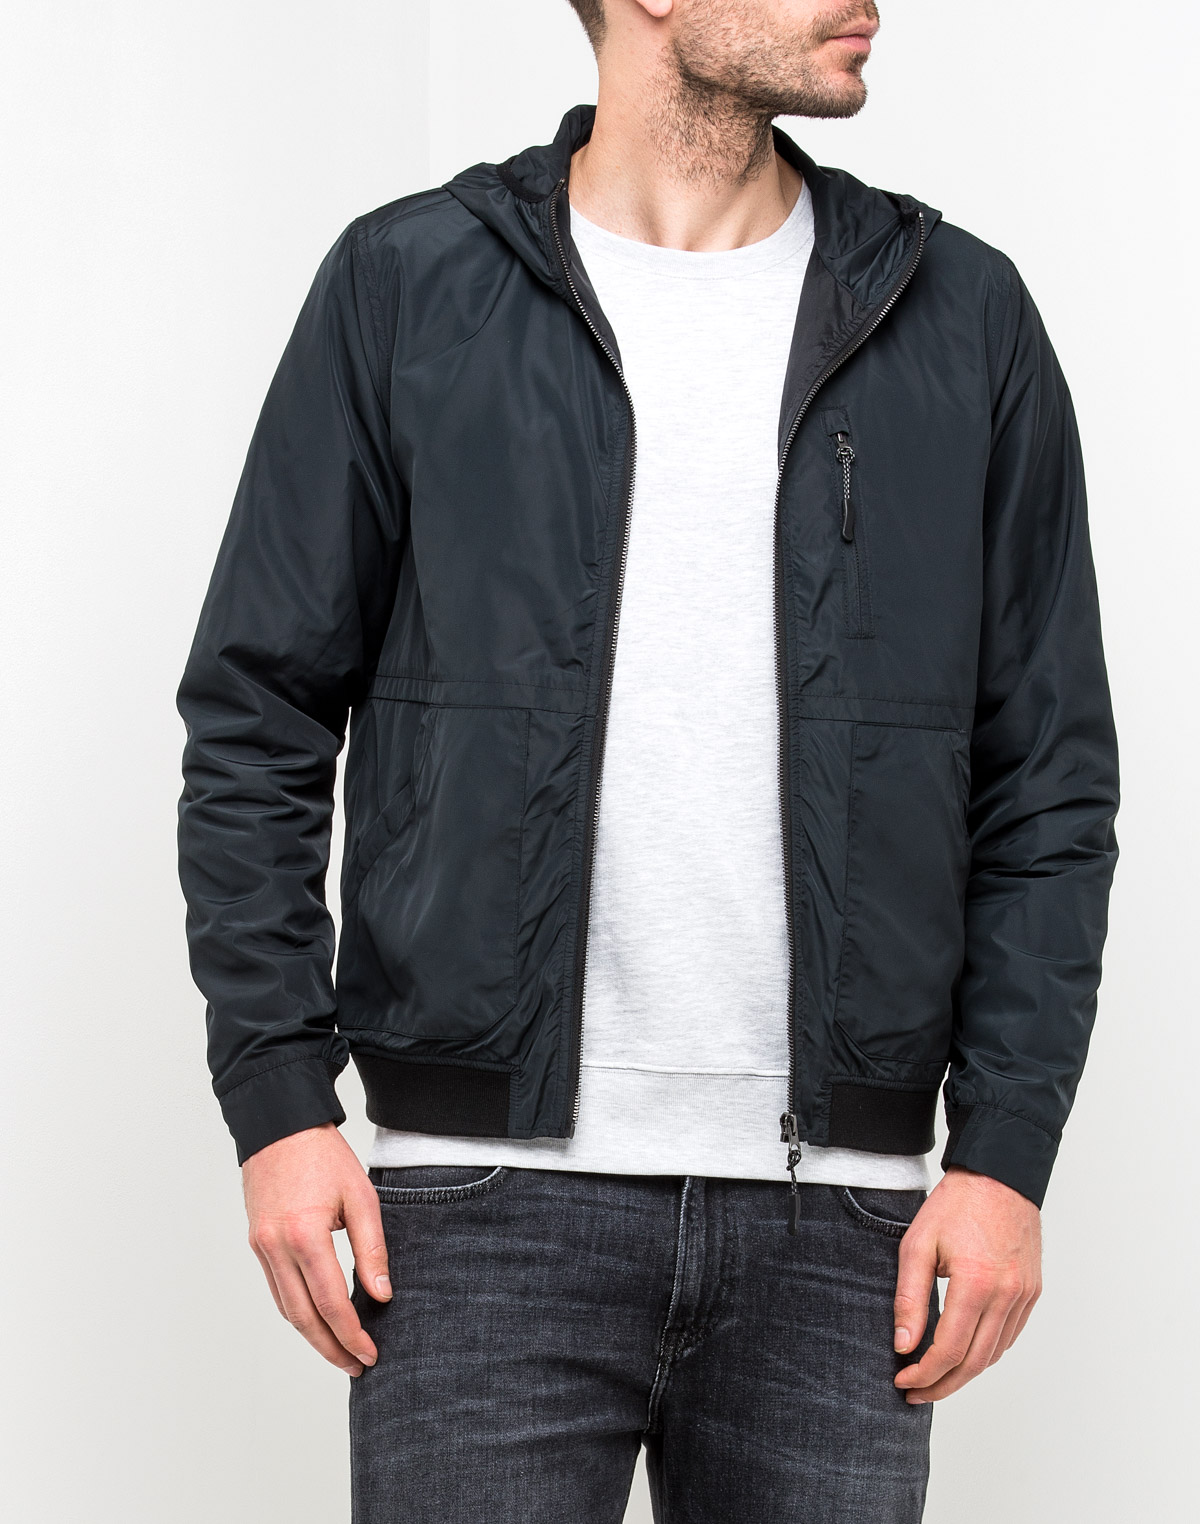 Куртка мужская Lee, цвет: черный. L86GYC01. Размер S (46)L86GYC01Мужская куртка Lee станет стильным дополнением к вашему гардеробу. Модель выполнена из 100% полиэстера и застегивается на молнию. Низ изделия дополнен широкой эластичной резинкой. Спереди расположены три прорезных кармана.Эта стильная и модная куртка подарит вам тепло и комфорт!